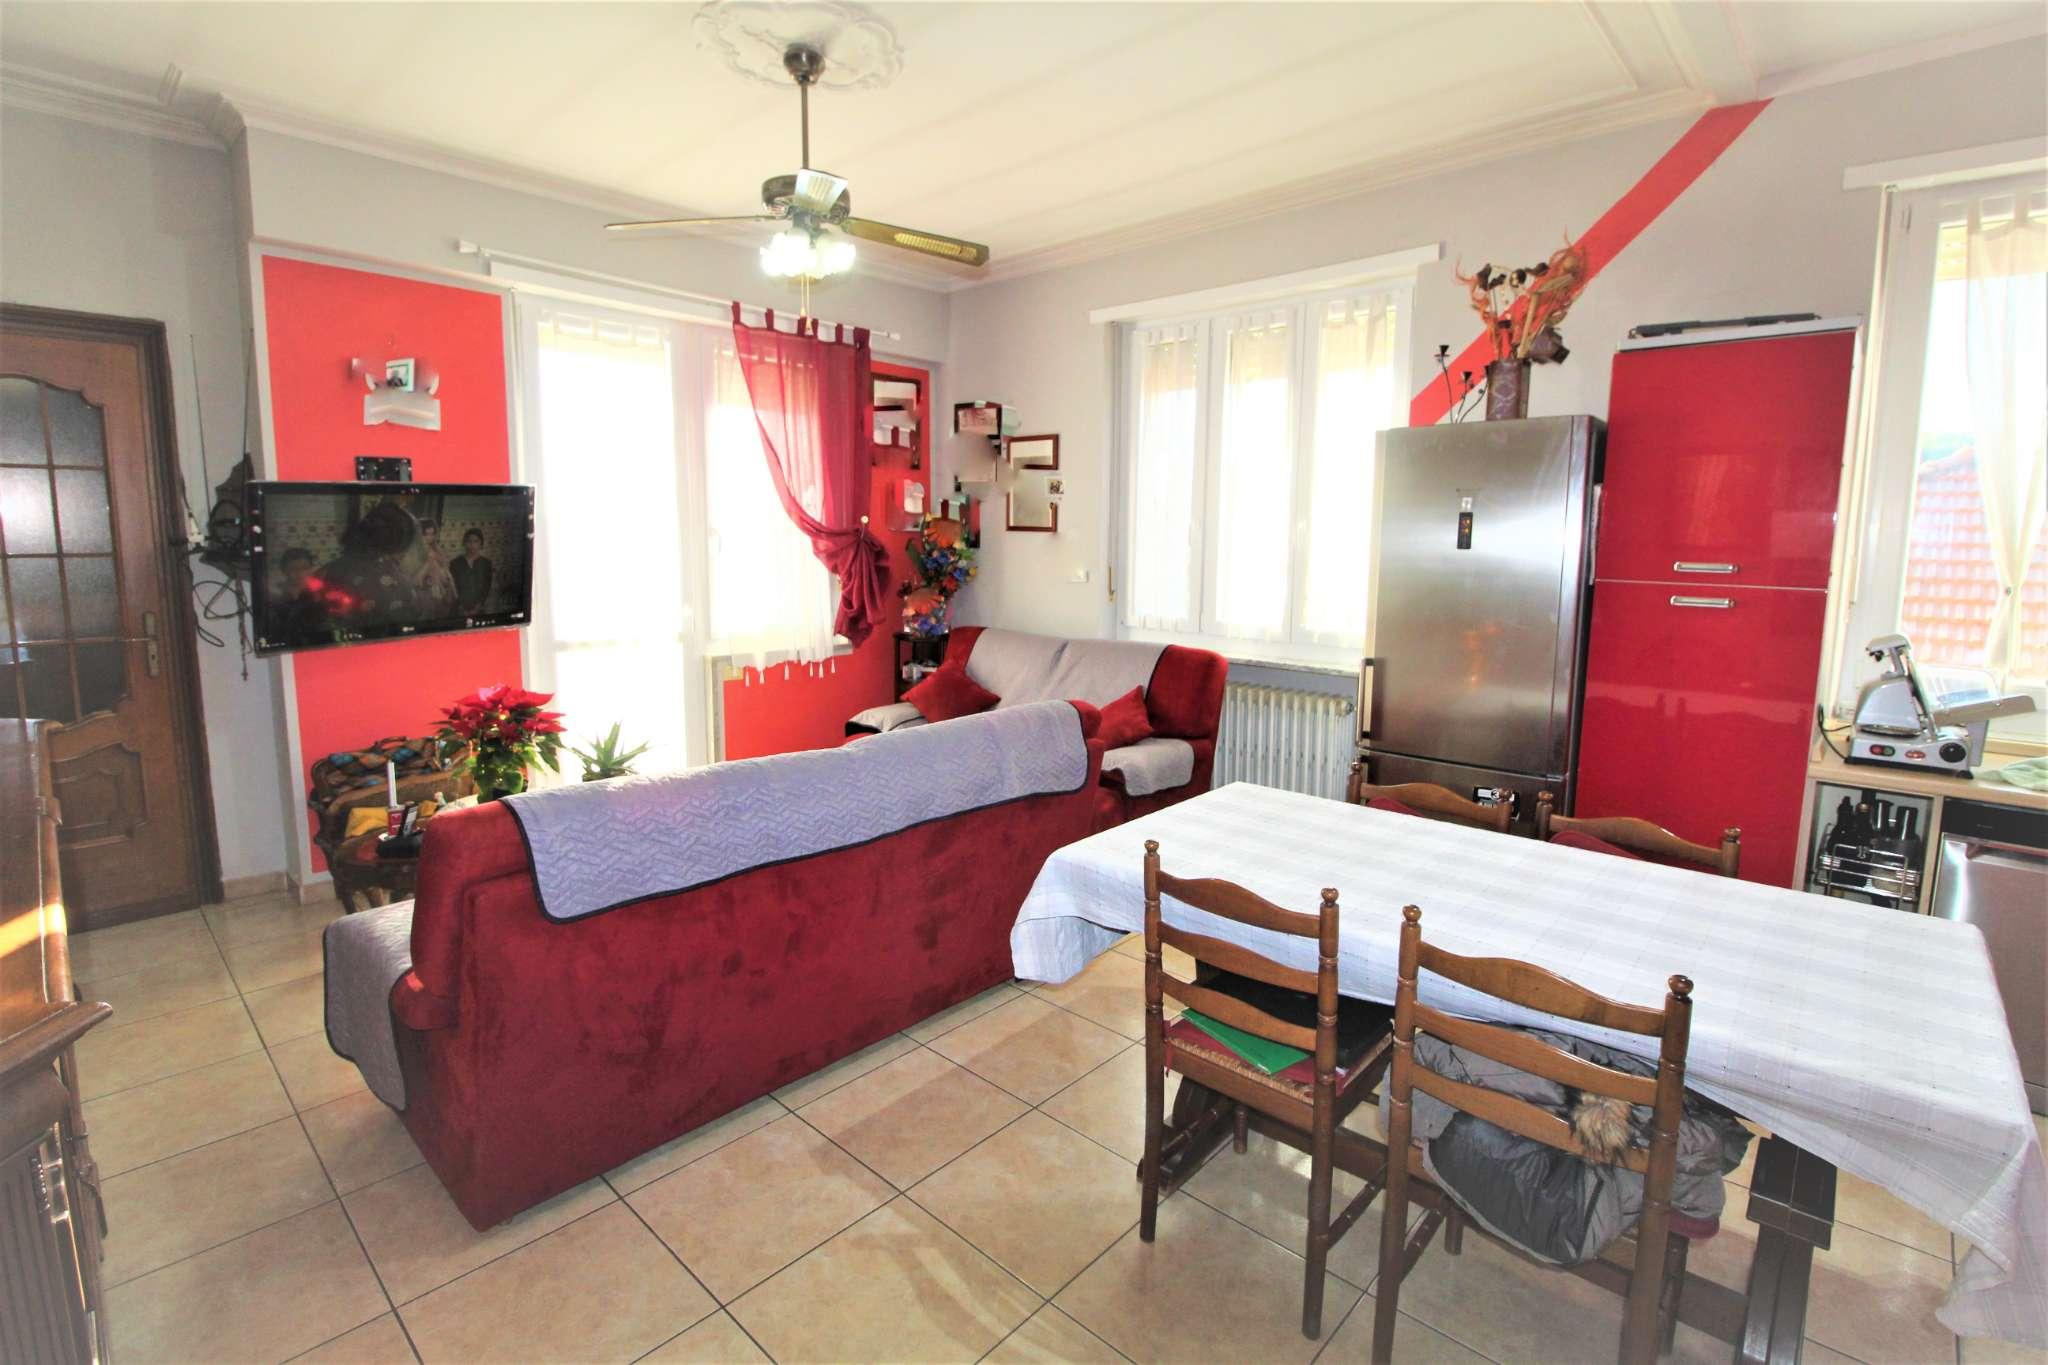 Villa Tri-Quadrifamiliare in vendita a Candiolo, 5 locali, prezzo € 225.000 | CambioCasa.it